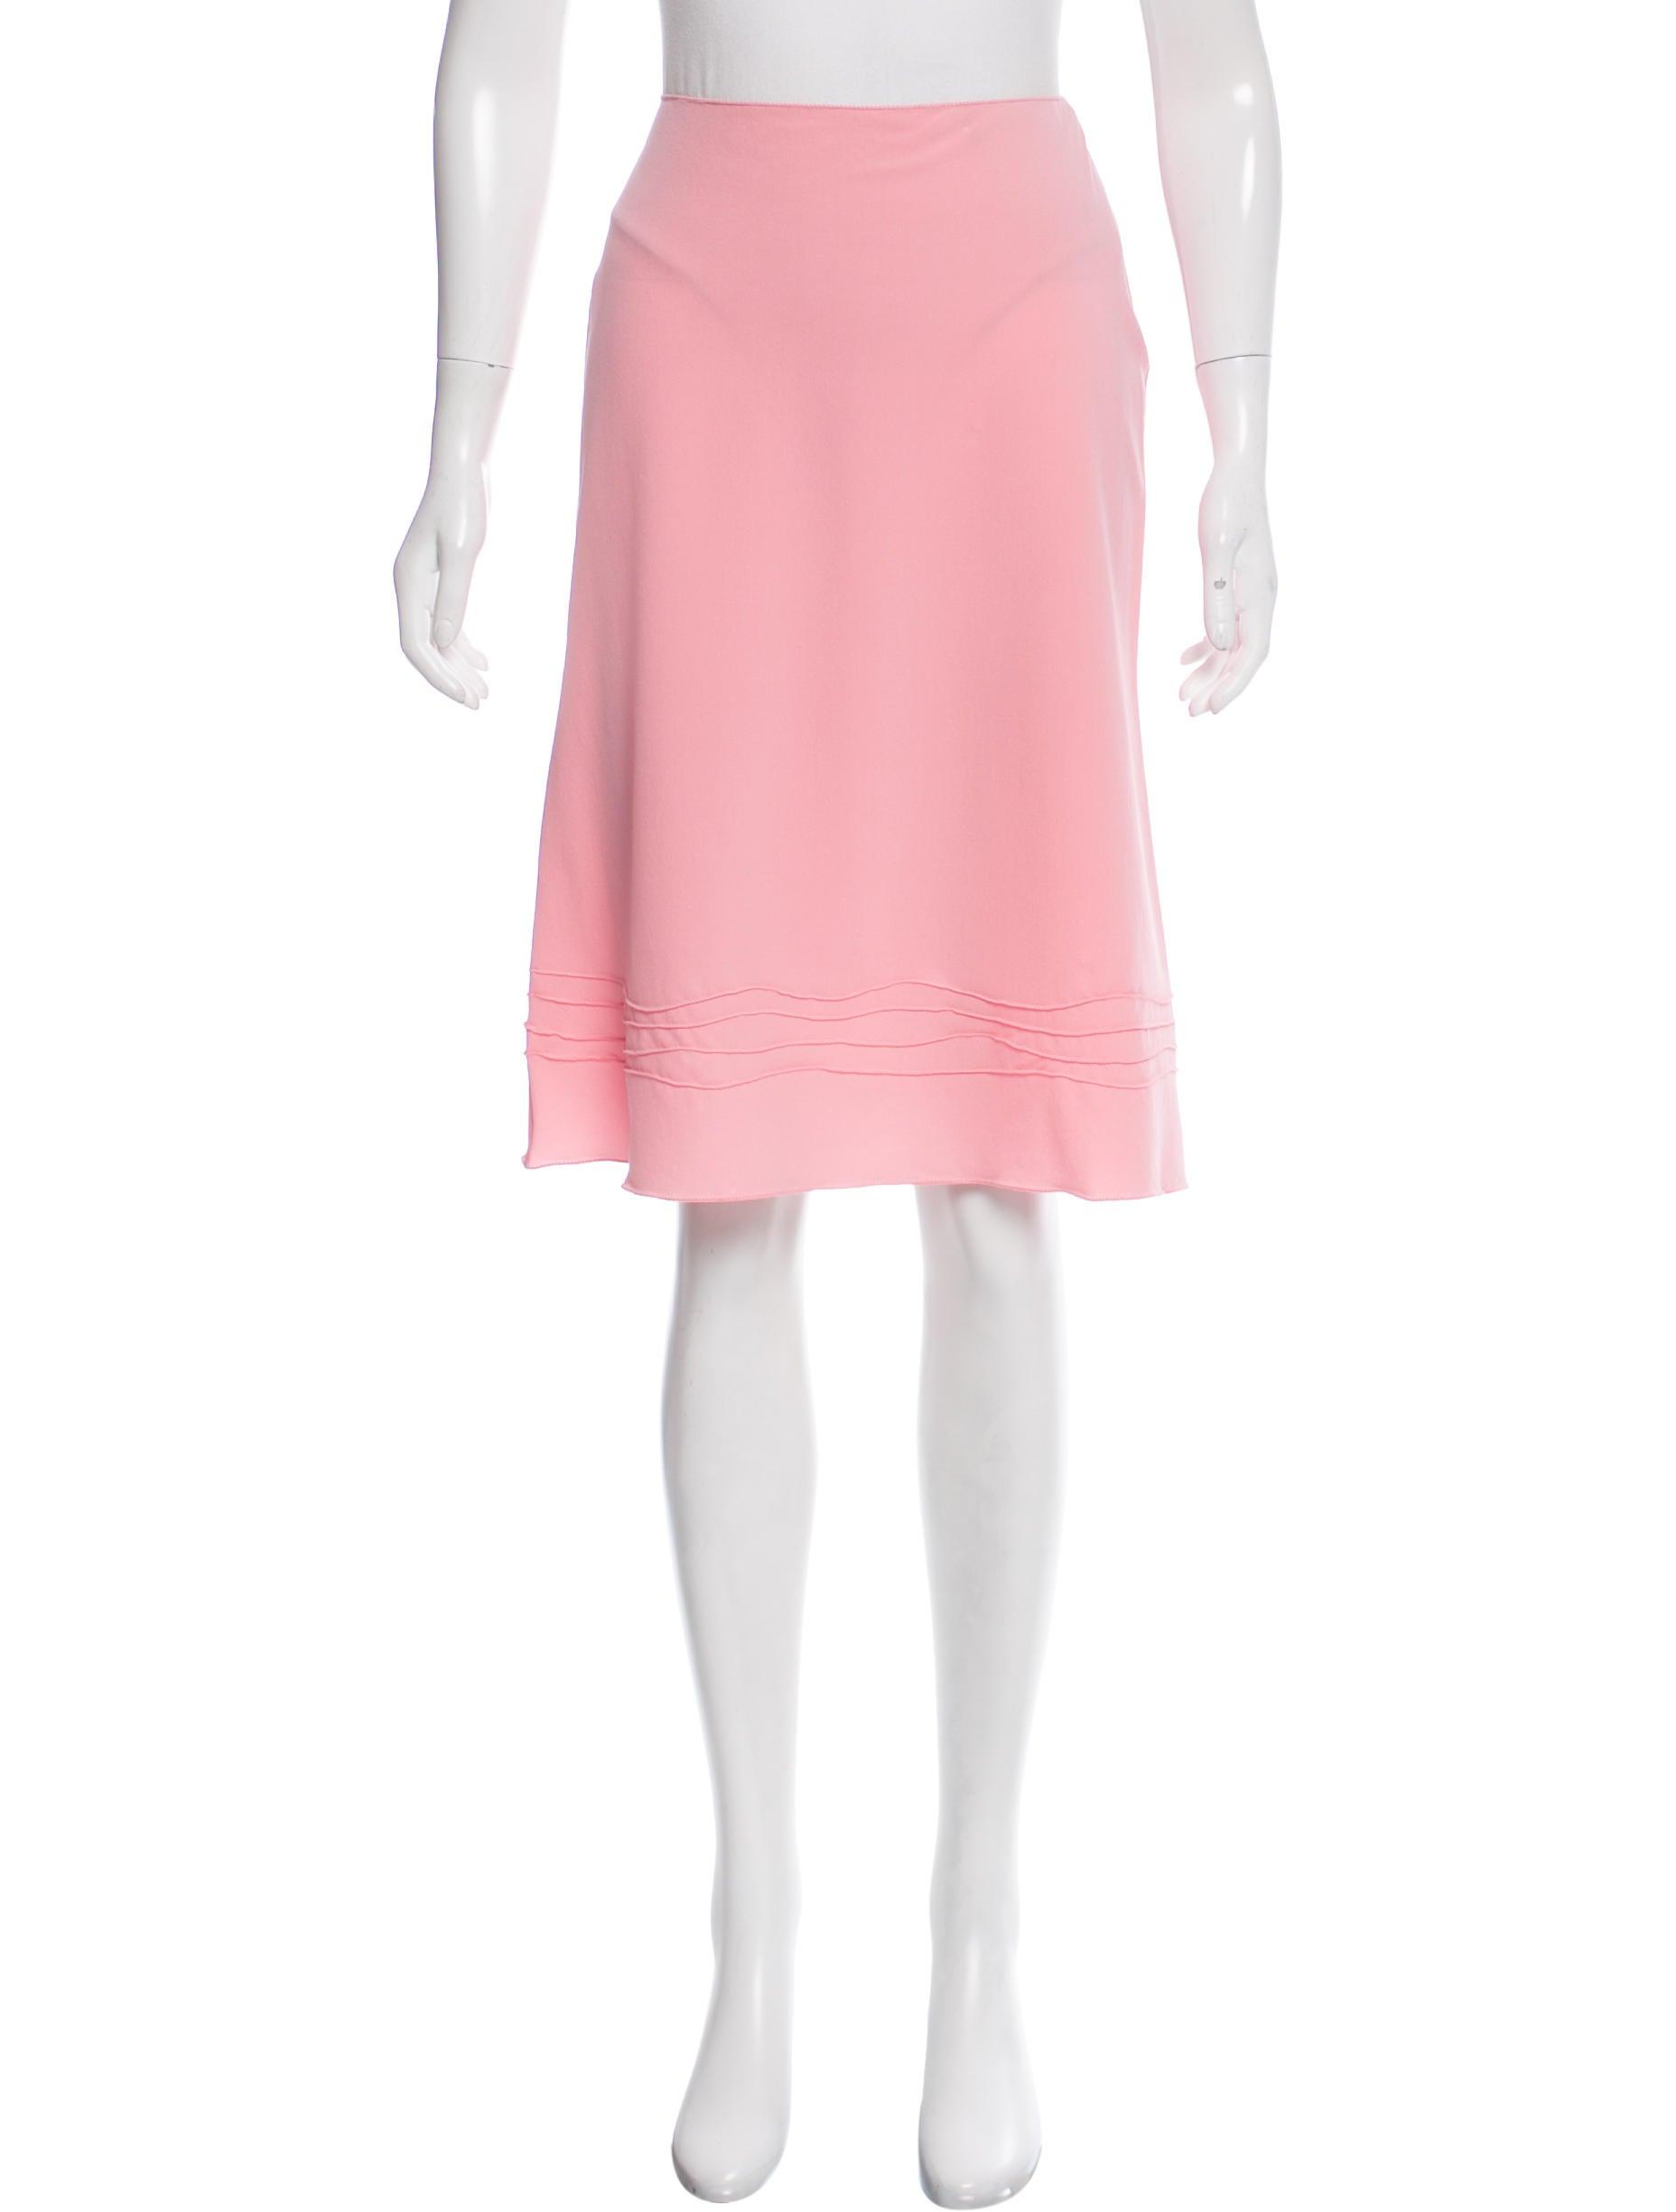 prada a line knee length skirt clothing pra159056